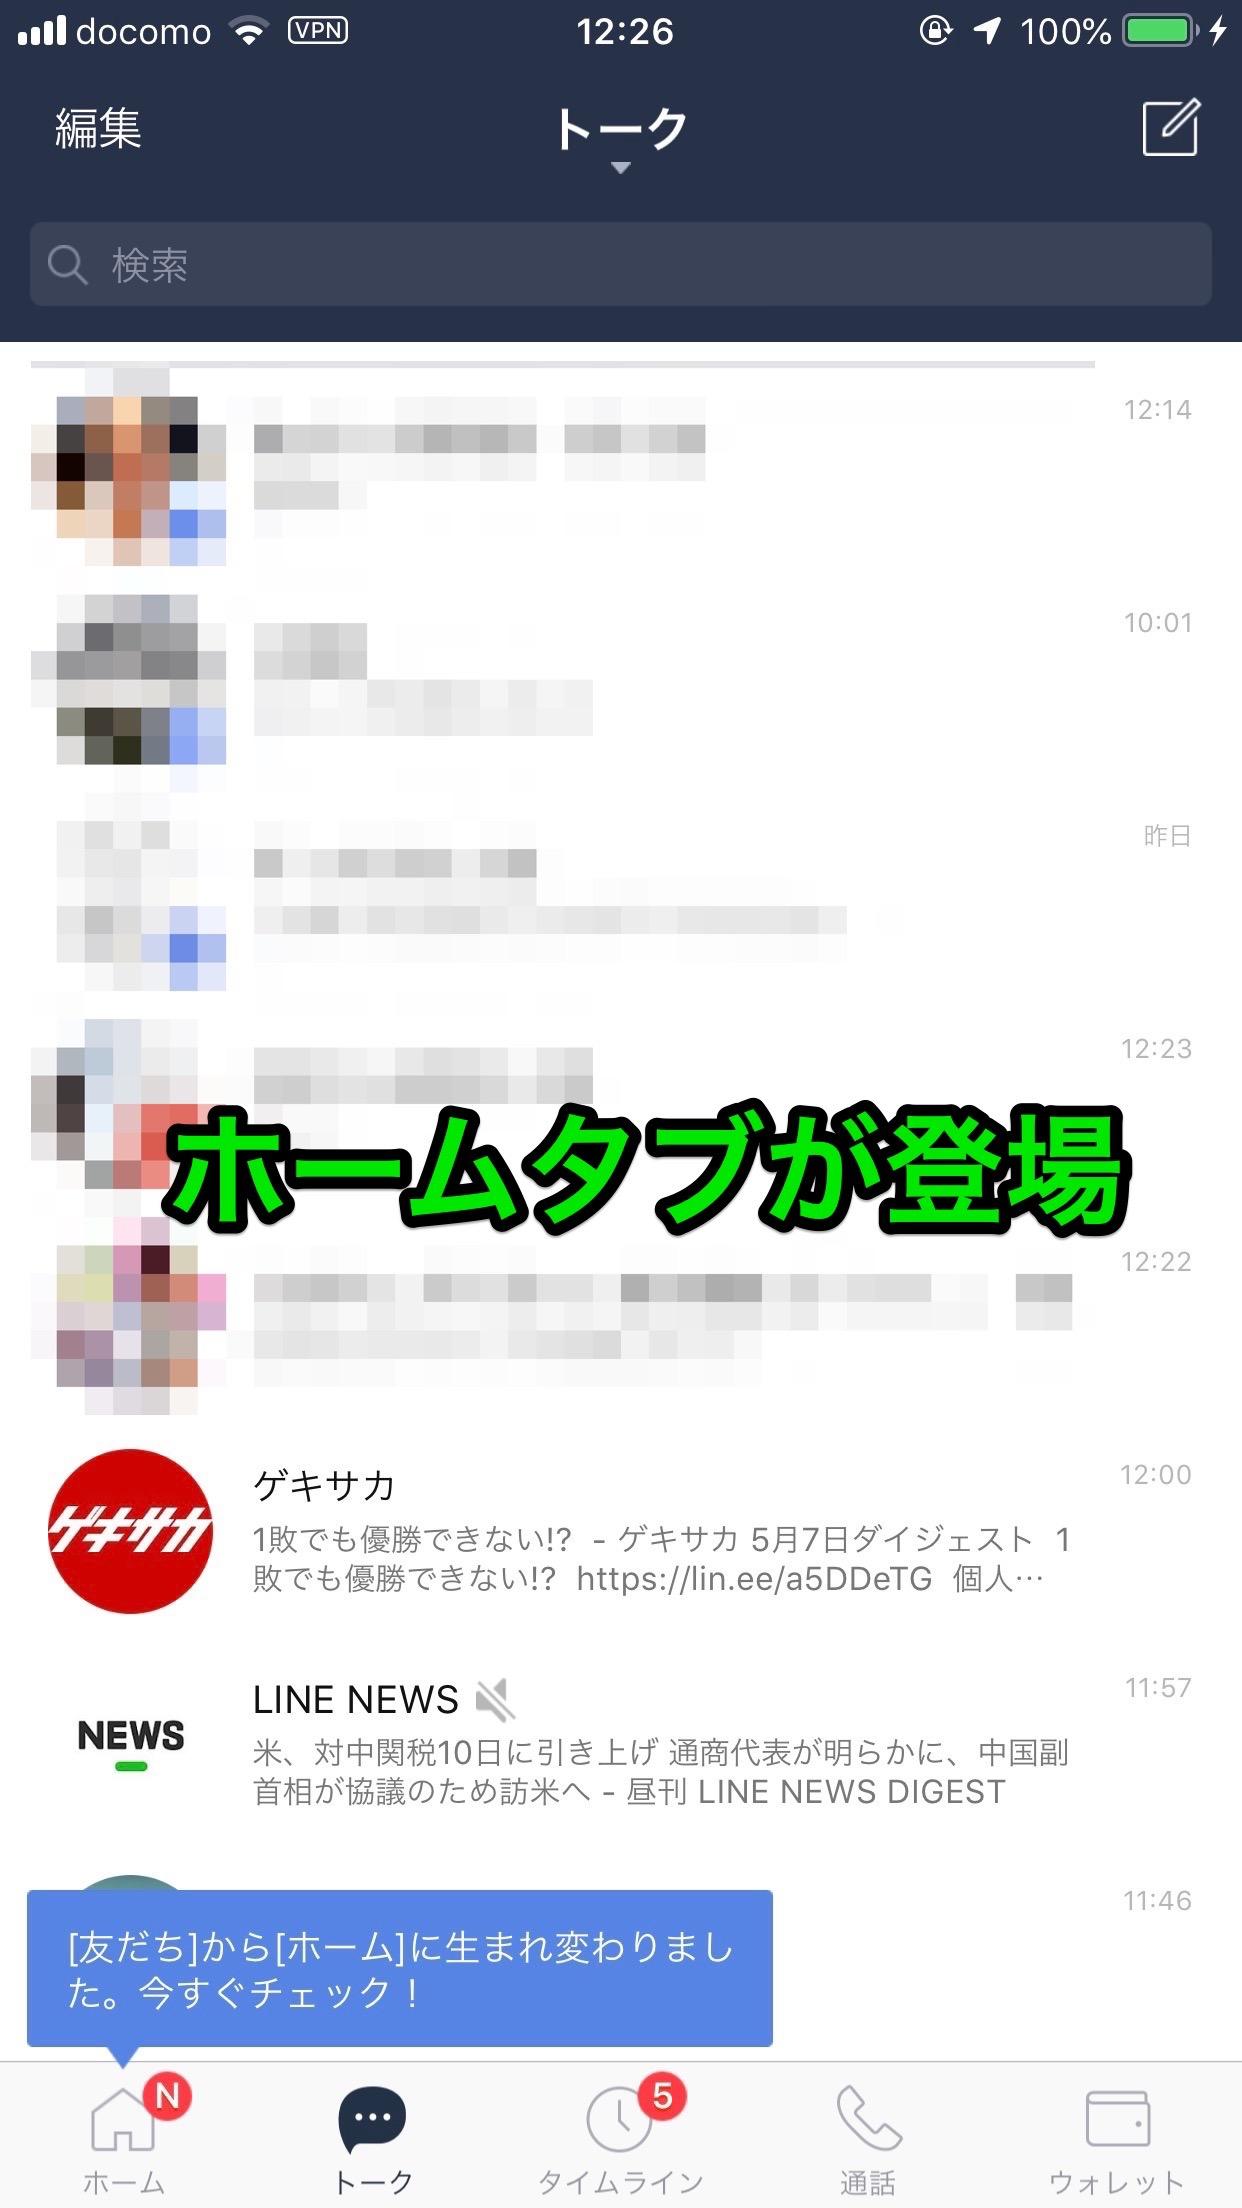 【LINE】「友だち」に代わり「ホーム」タブが登場